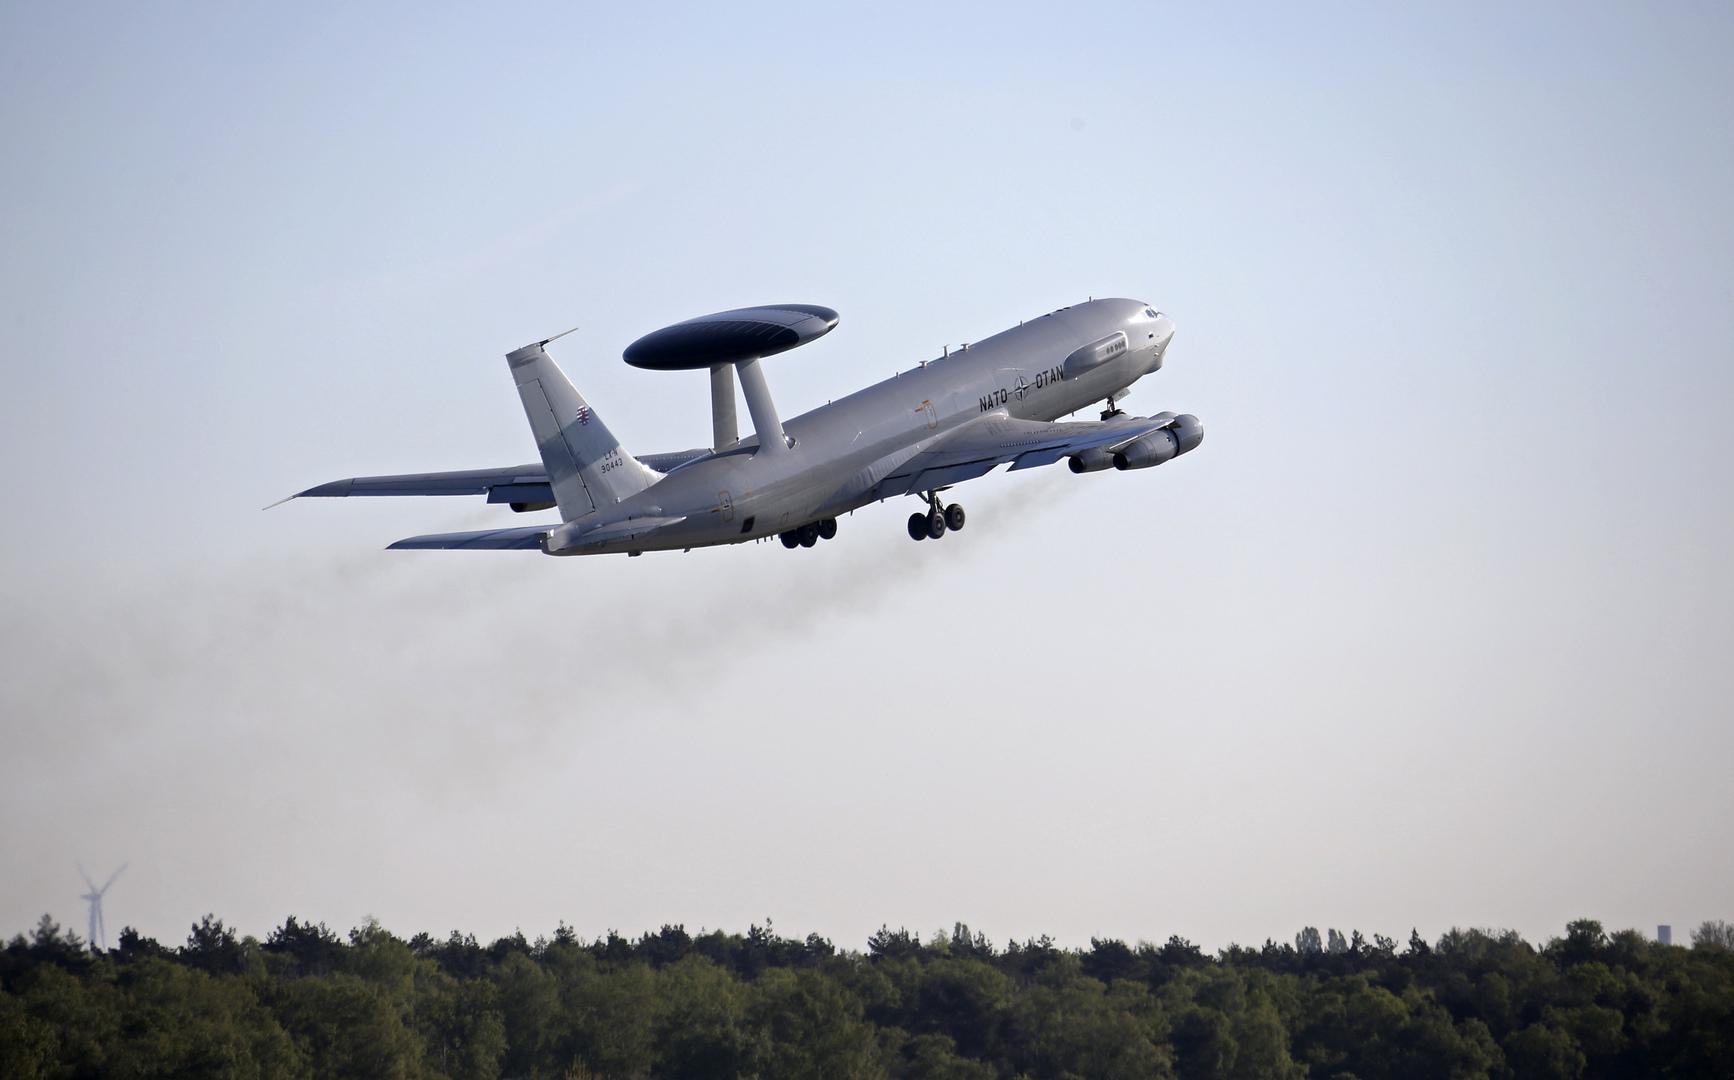 طائرة أيواكس تابعة لحلف الناتو، أرشيف